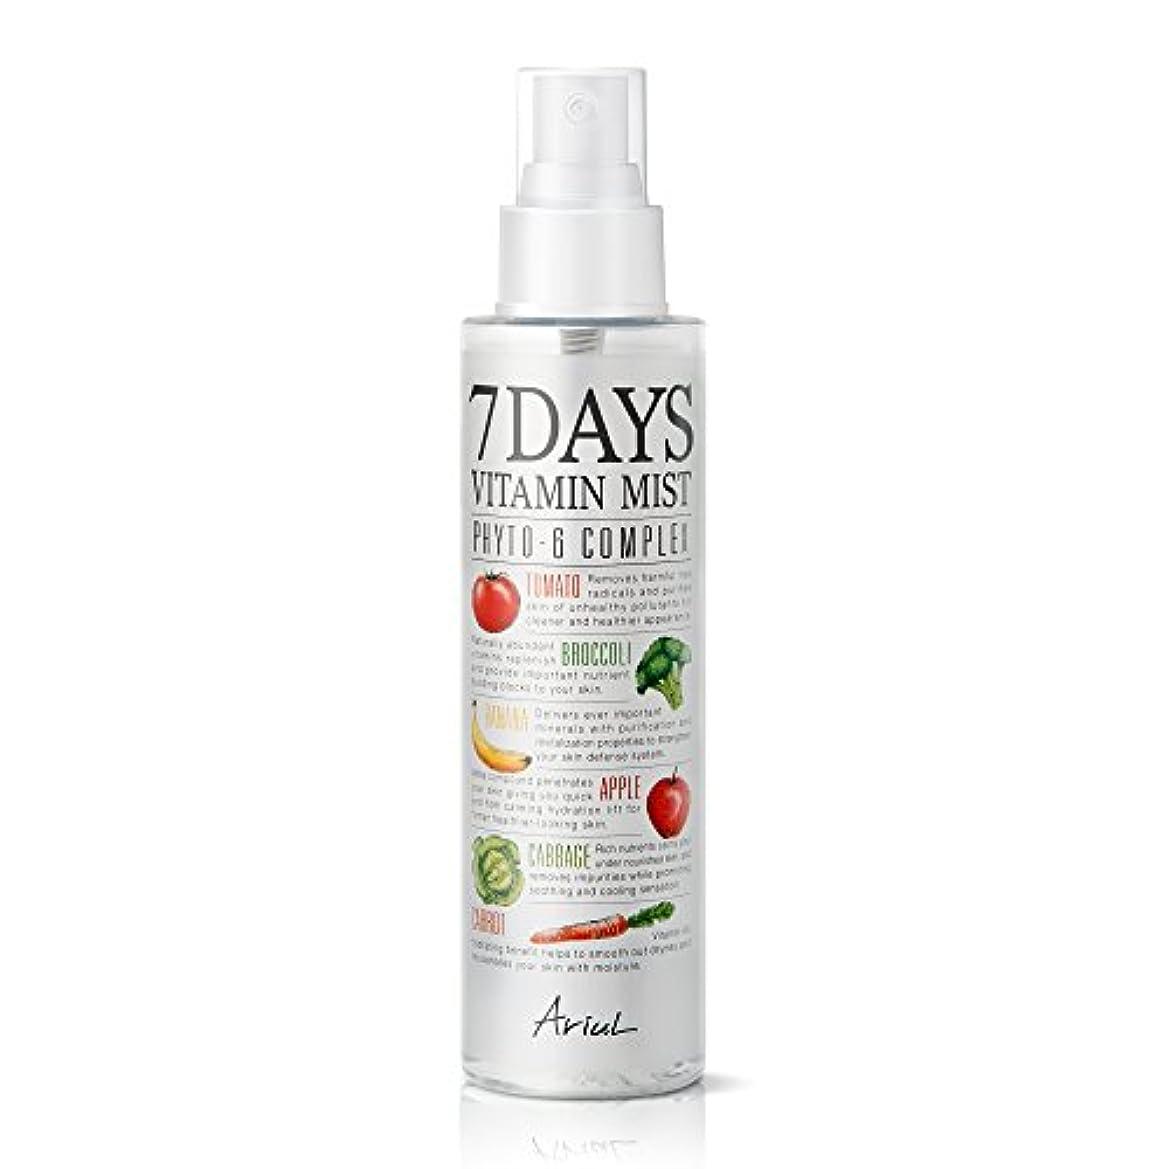 明らかにうれしい愛情深いアリアル 7デイズビタミンミスト150ml / Ariul Natural Facial Face Mist 7 Days Vitamin Mist [並行輸入品]